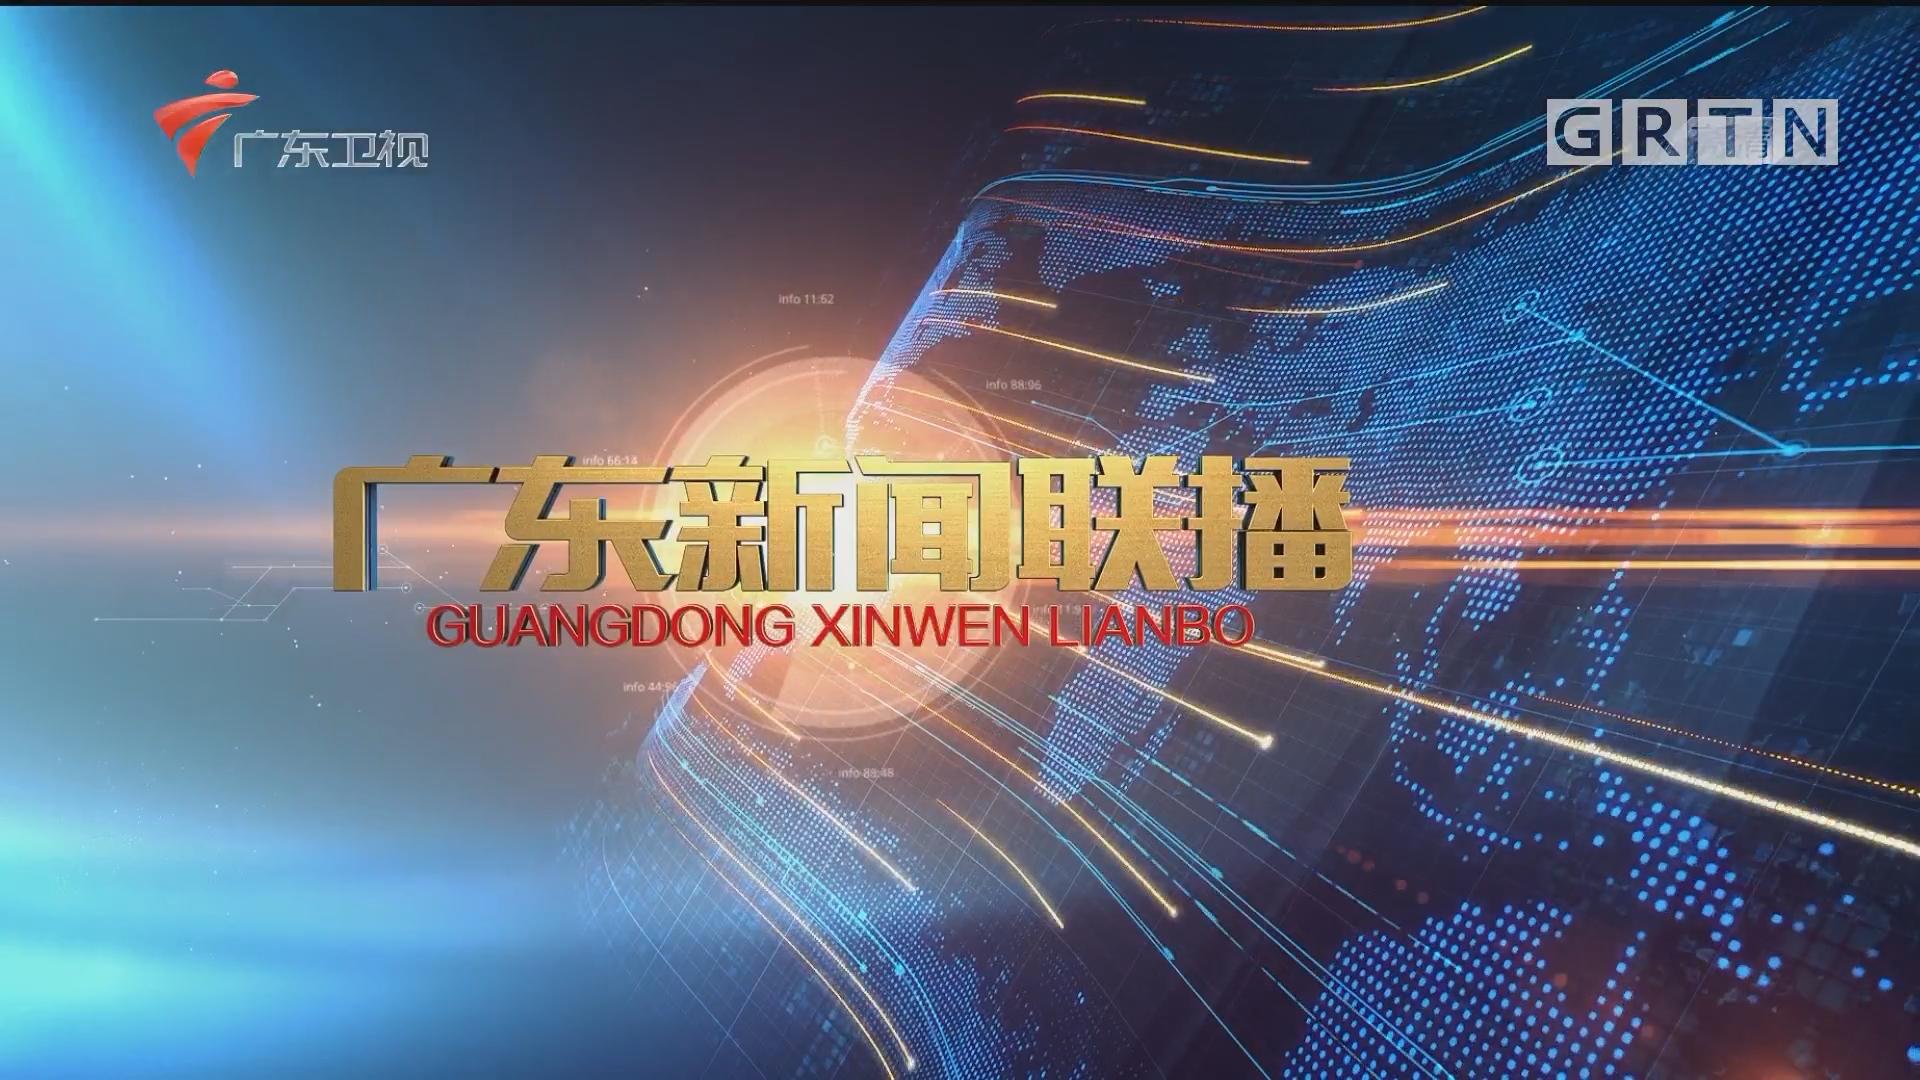 [HD][2018-02-07]广东新闻联播:李希赴清远就实施乡村振兴战略进行调研 并看望慰问困难群众